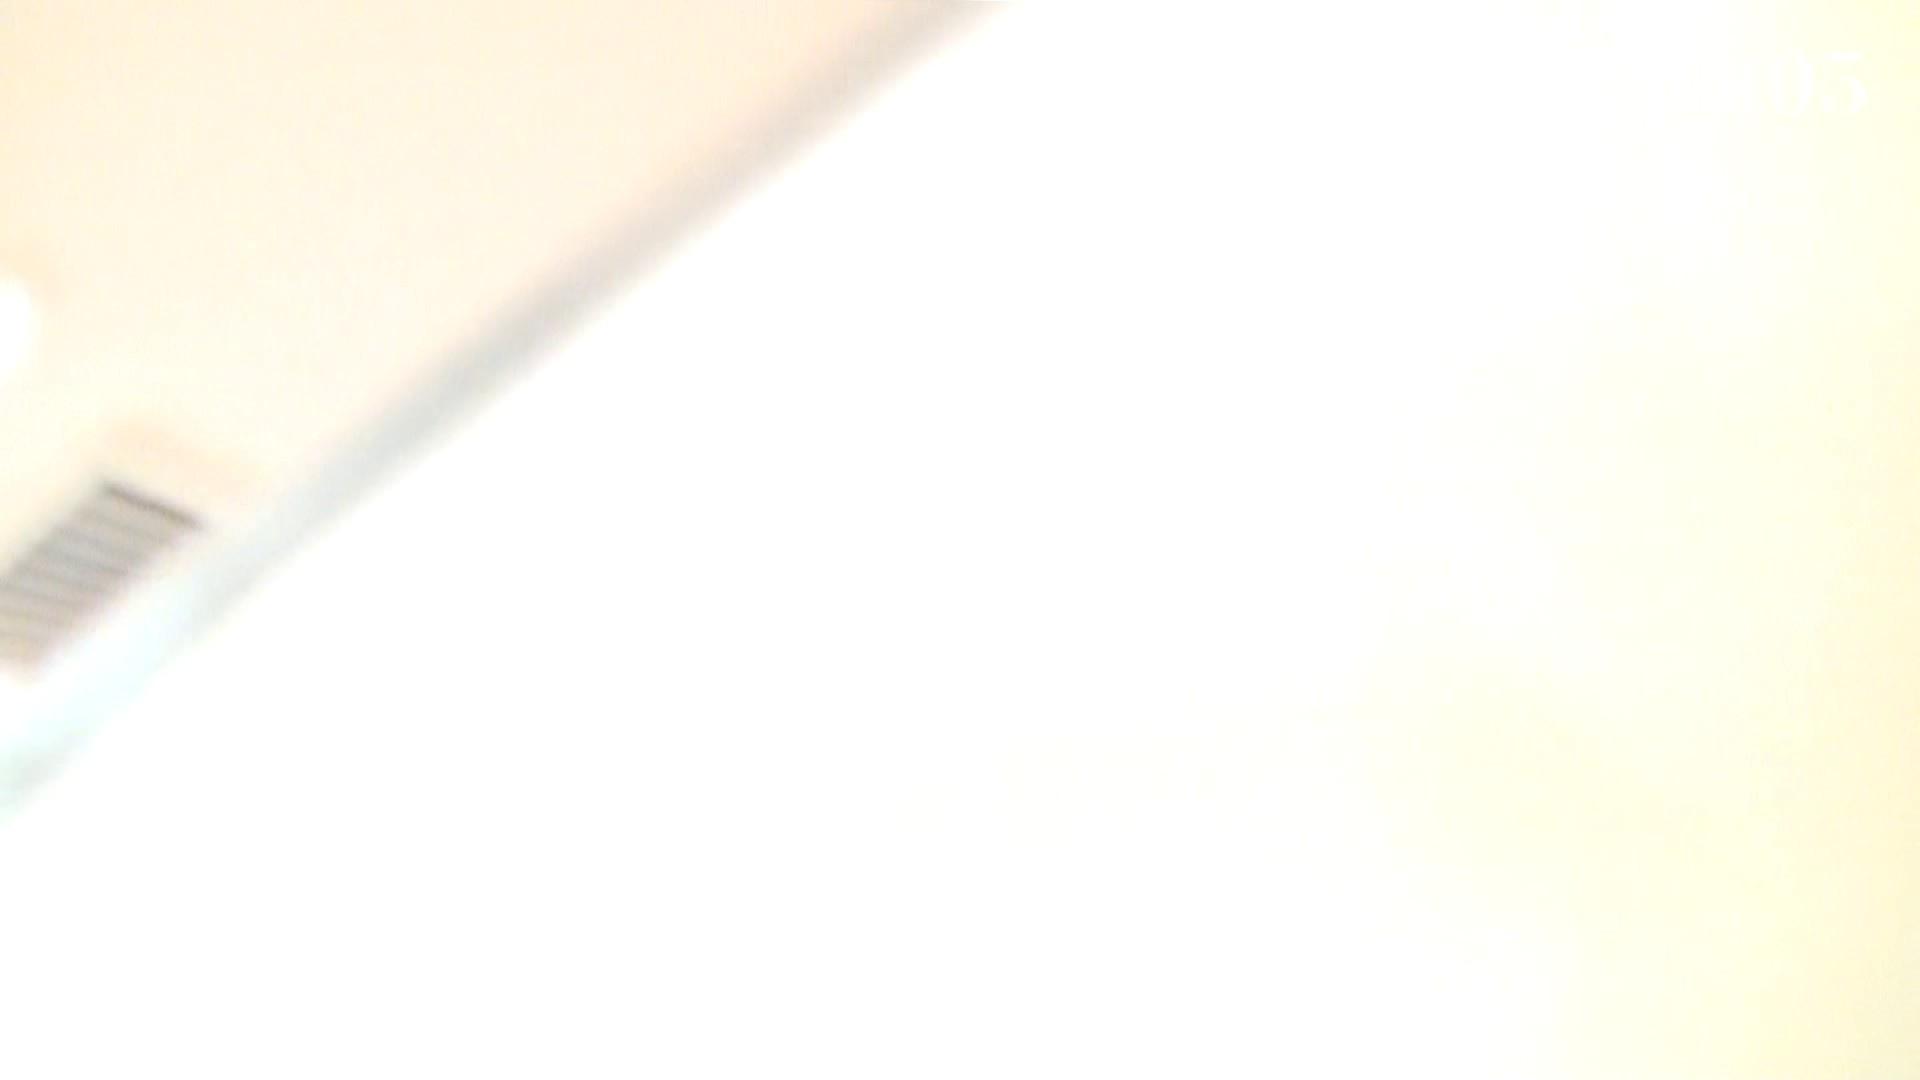 空爆特攻隊!No5 ハイビジョン 覗き オマンコ動画キャプチャ 77枚 10